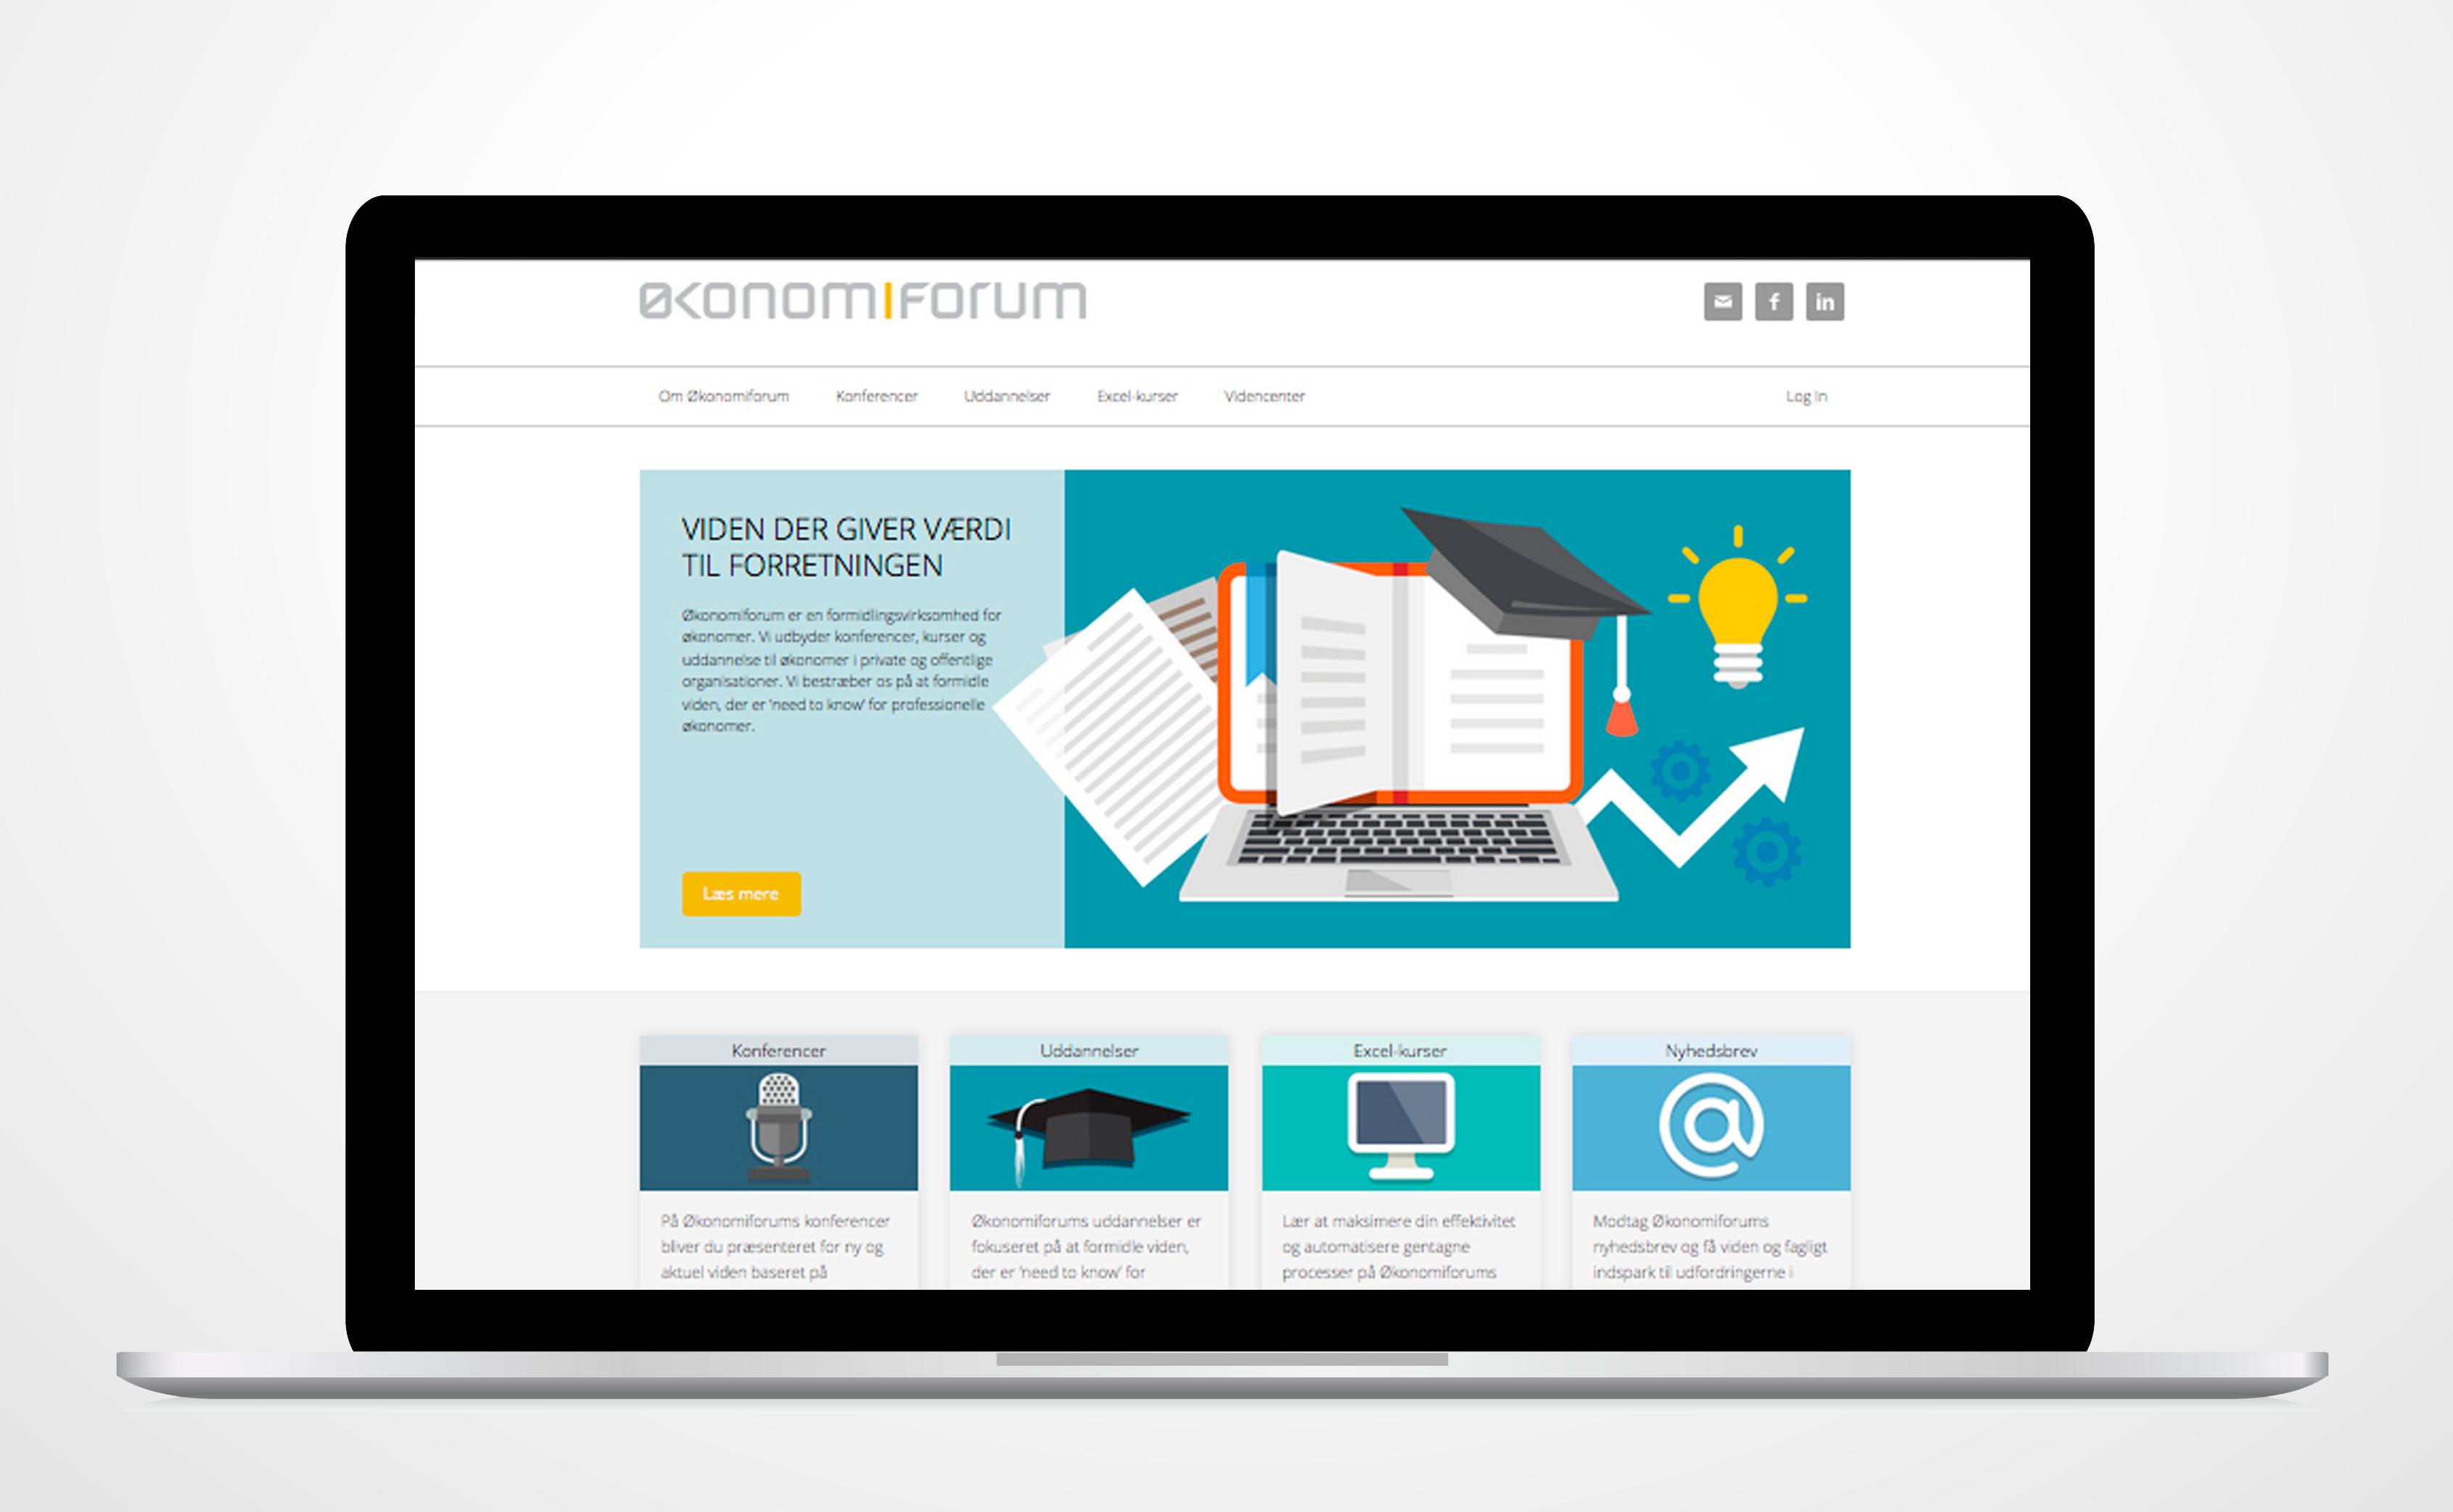 Økonomiforum